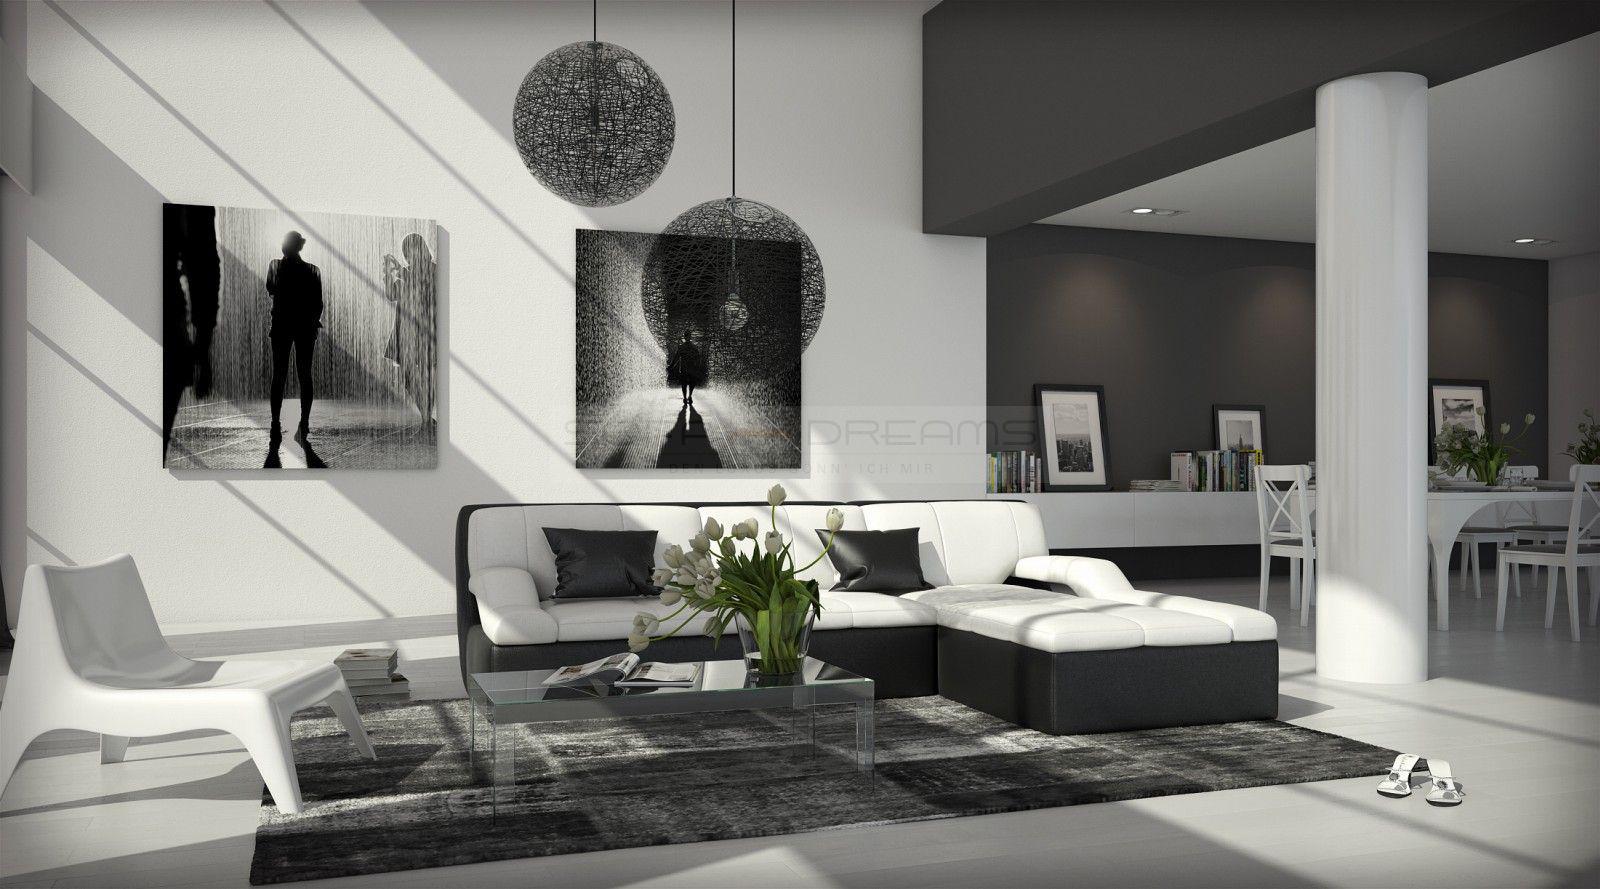 ledersofa guevara l form kaufen bei pmr. Black Bedroom Furniture Sets. Home Design Ideas